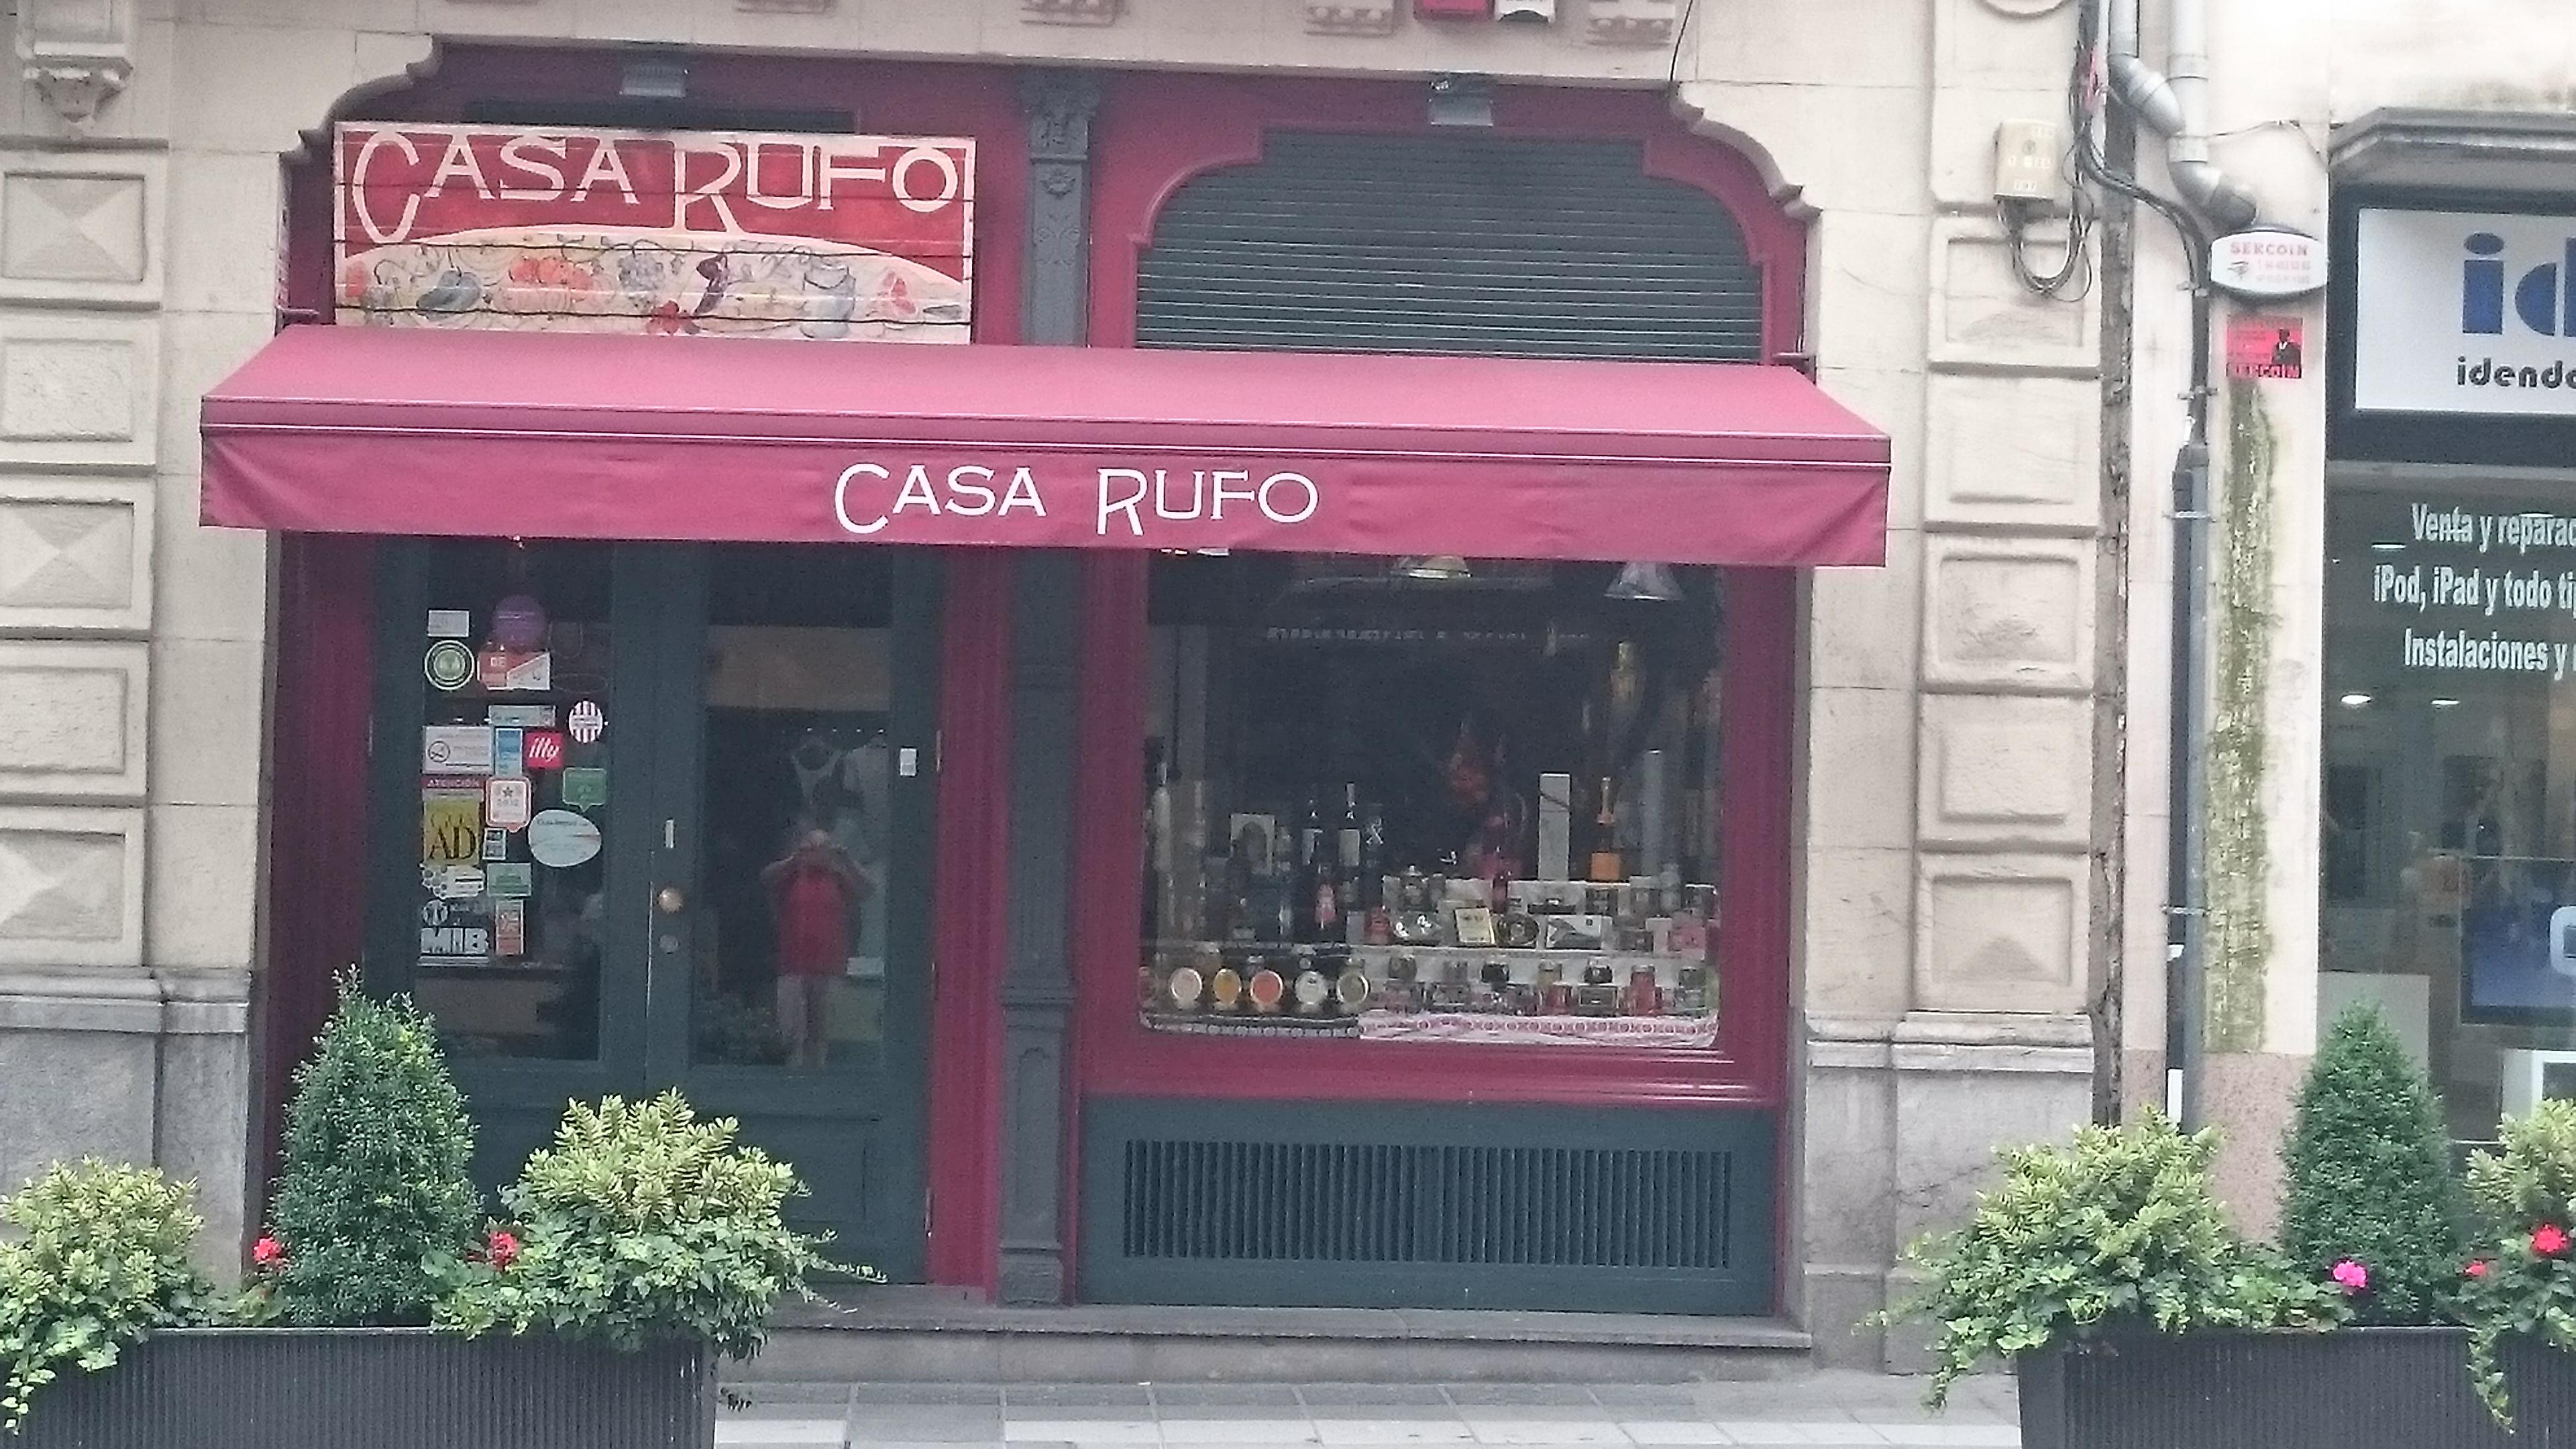 CASA RUFO